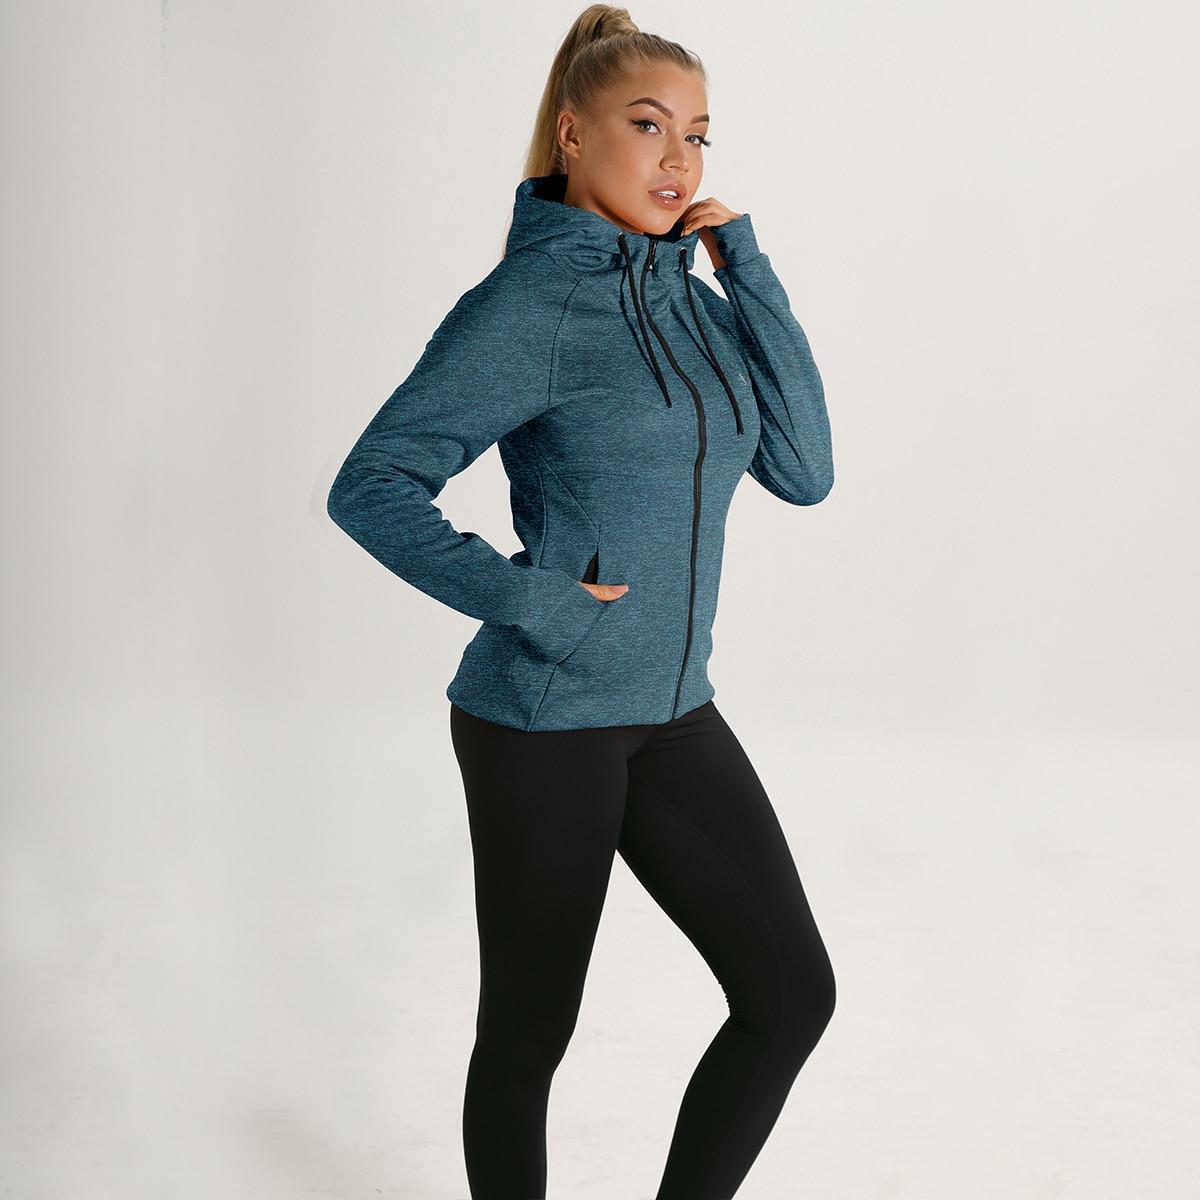 спортивная куртка с молнией, капюшоном и отверстием для большего пальца